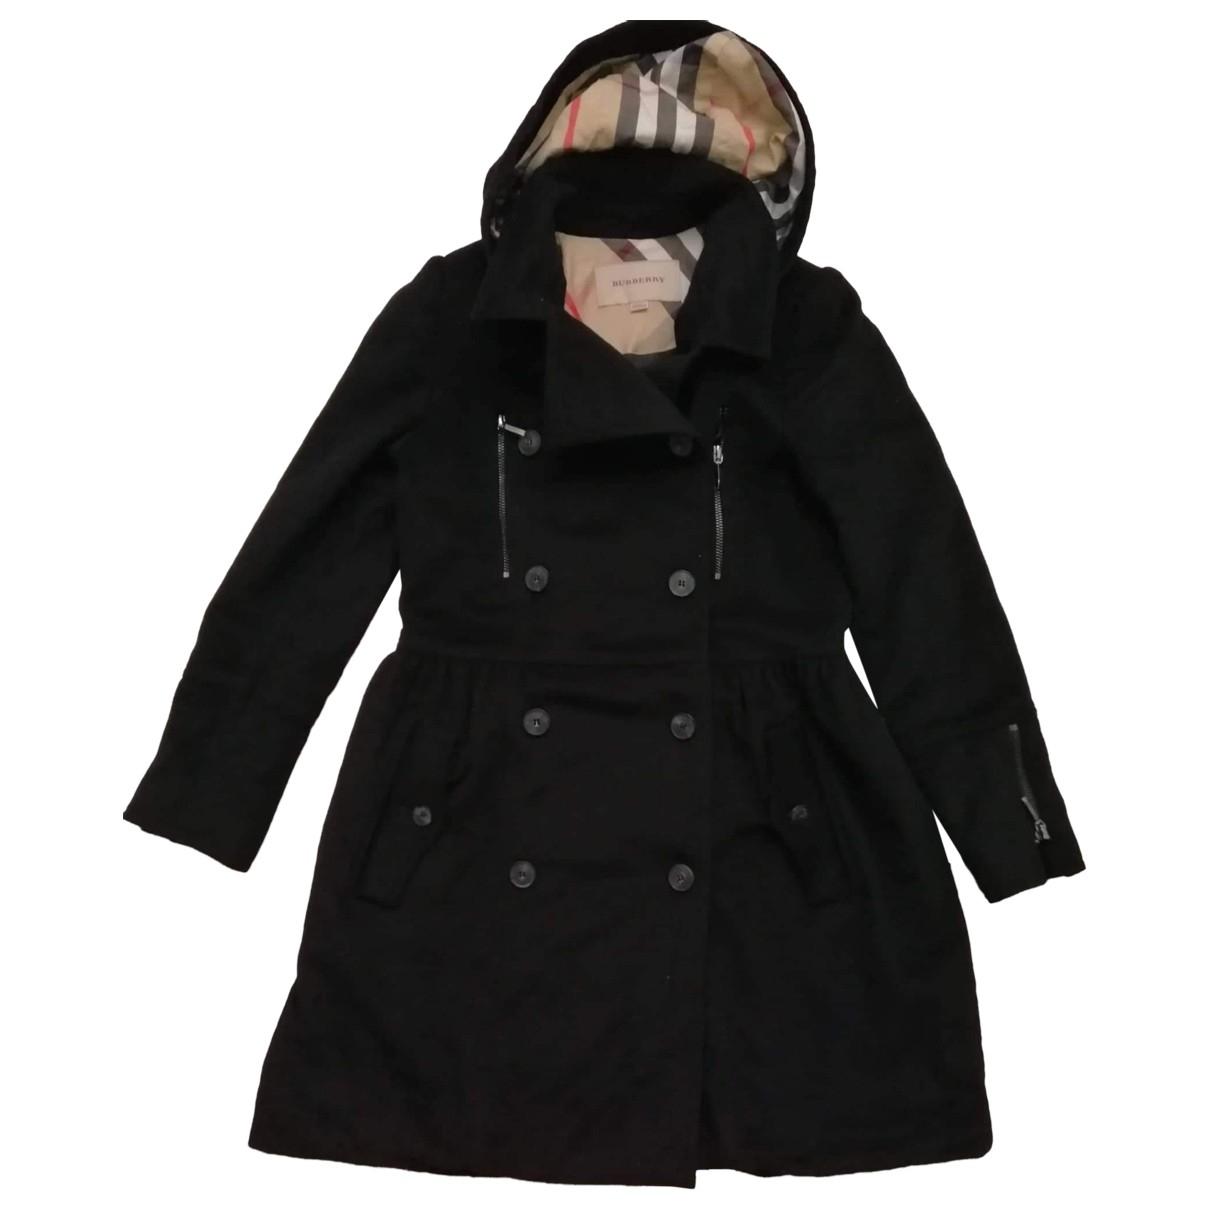 Burberry \N Black Wool jacket & coat for Kids 12 years - XS FR